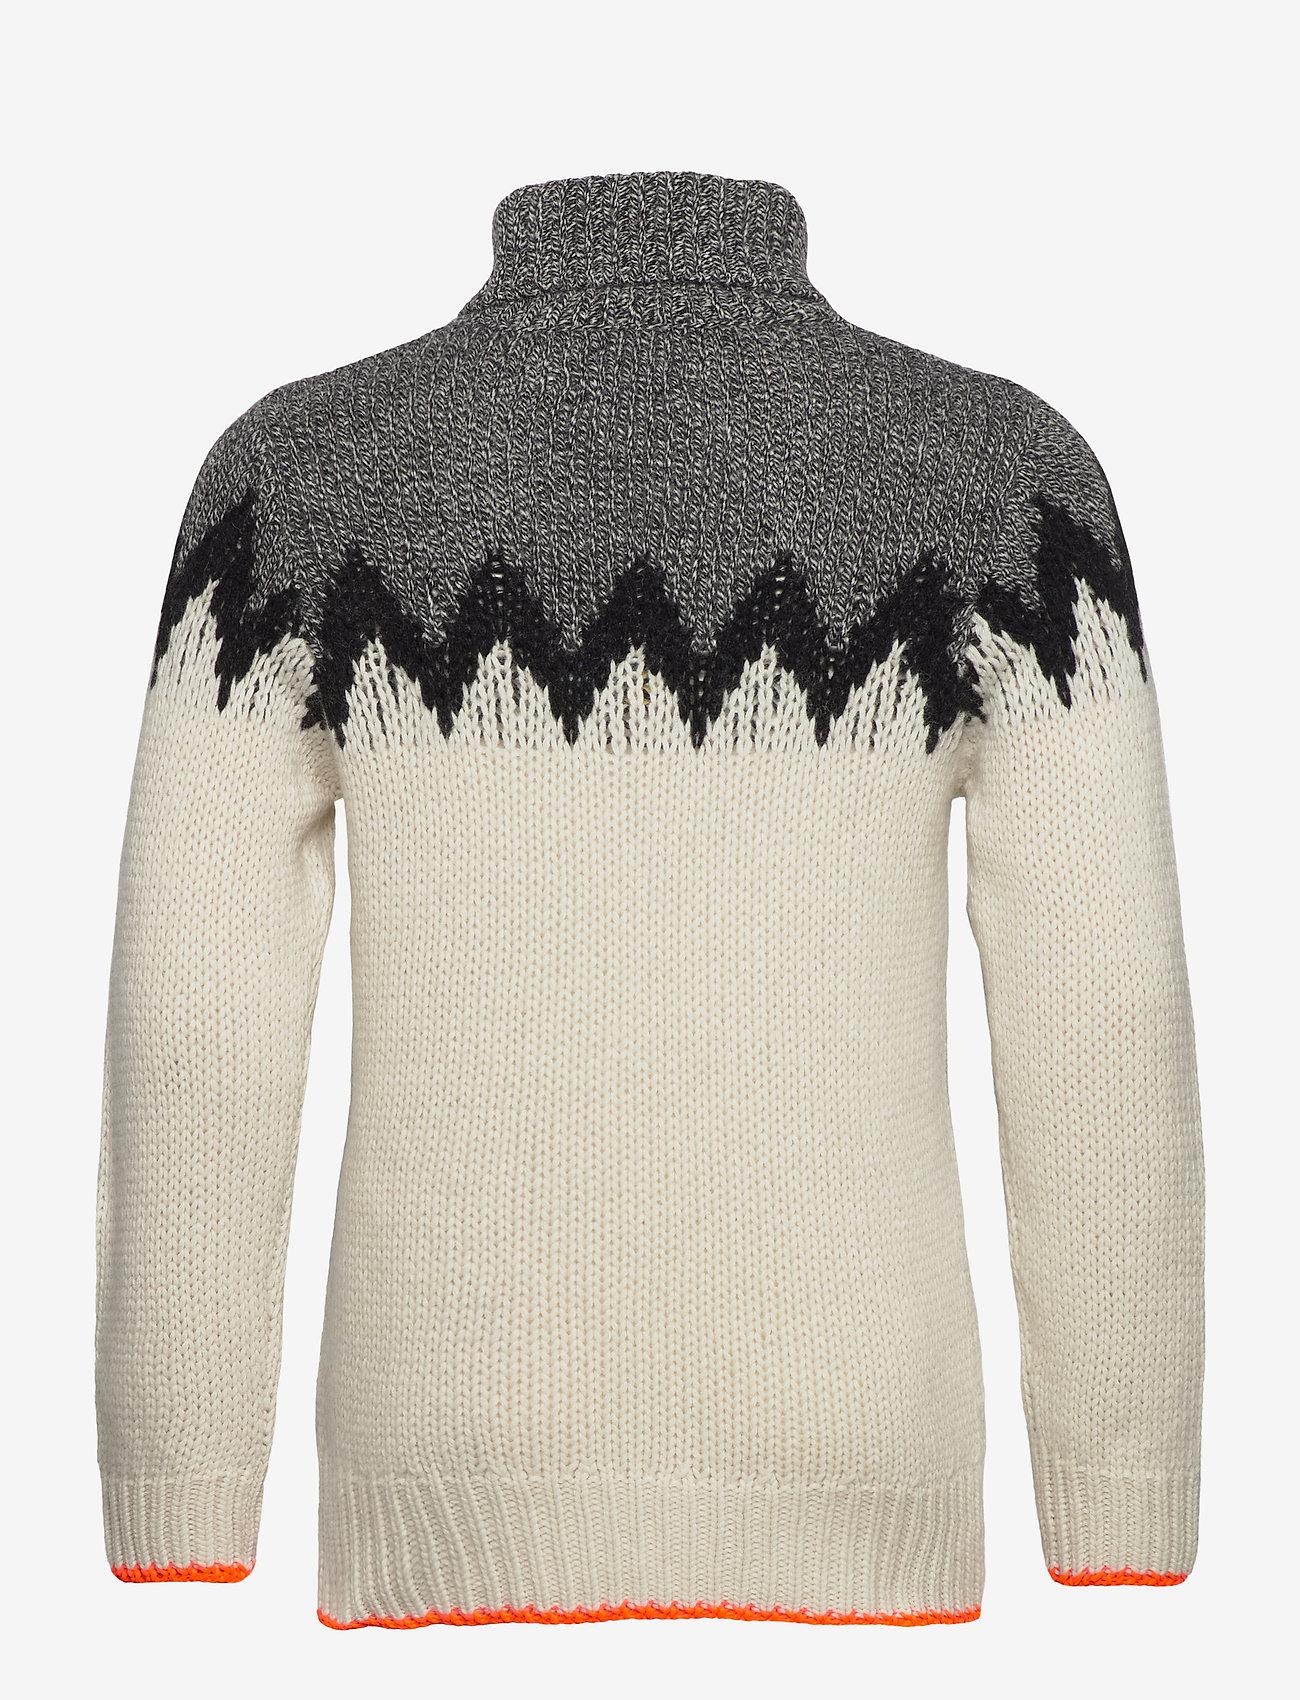 Mads Nørgaard - Recycled Iceland Kelden - truien met col haag - black/ecru - 1